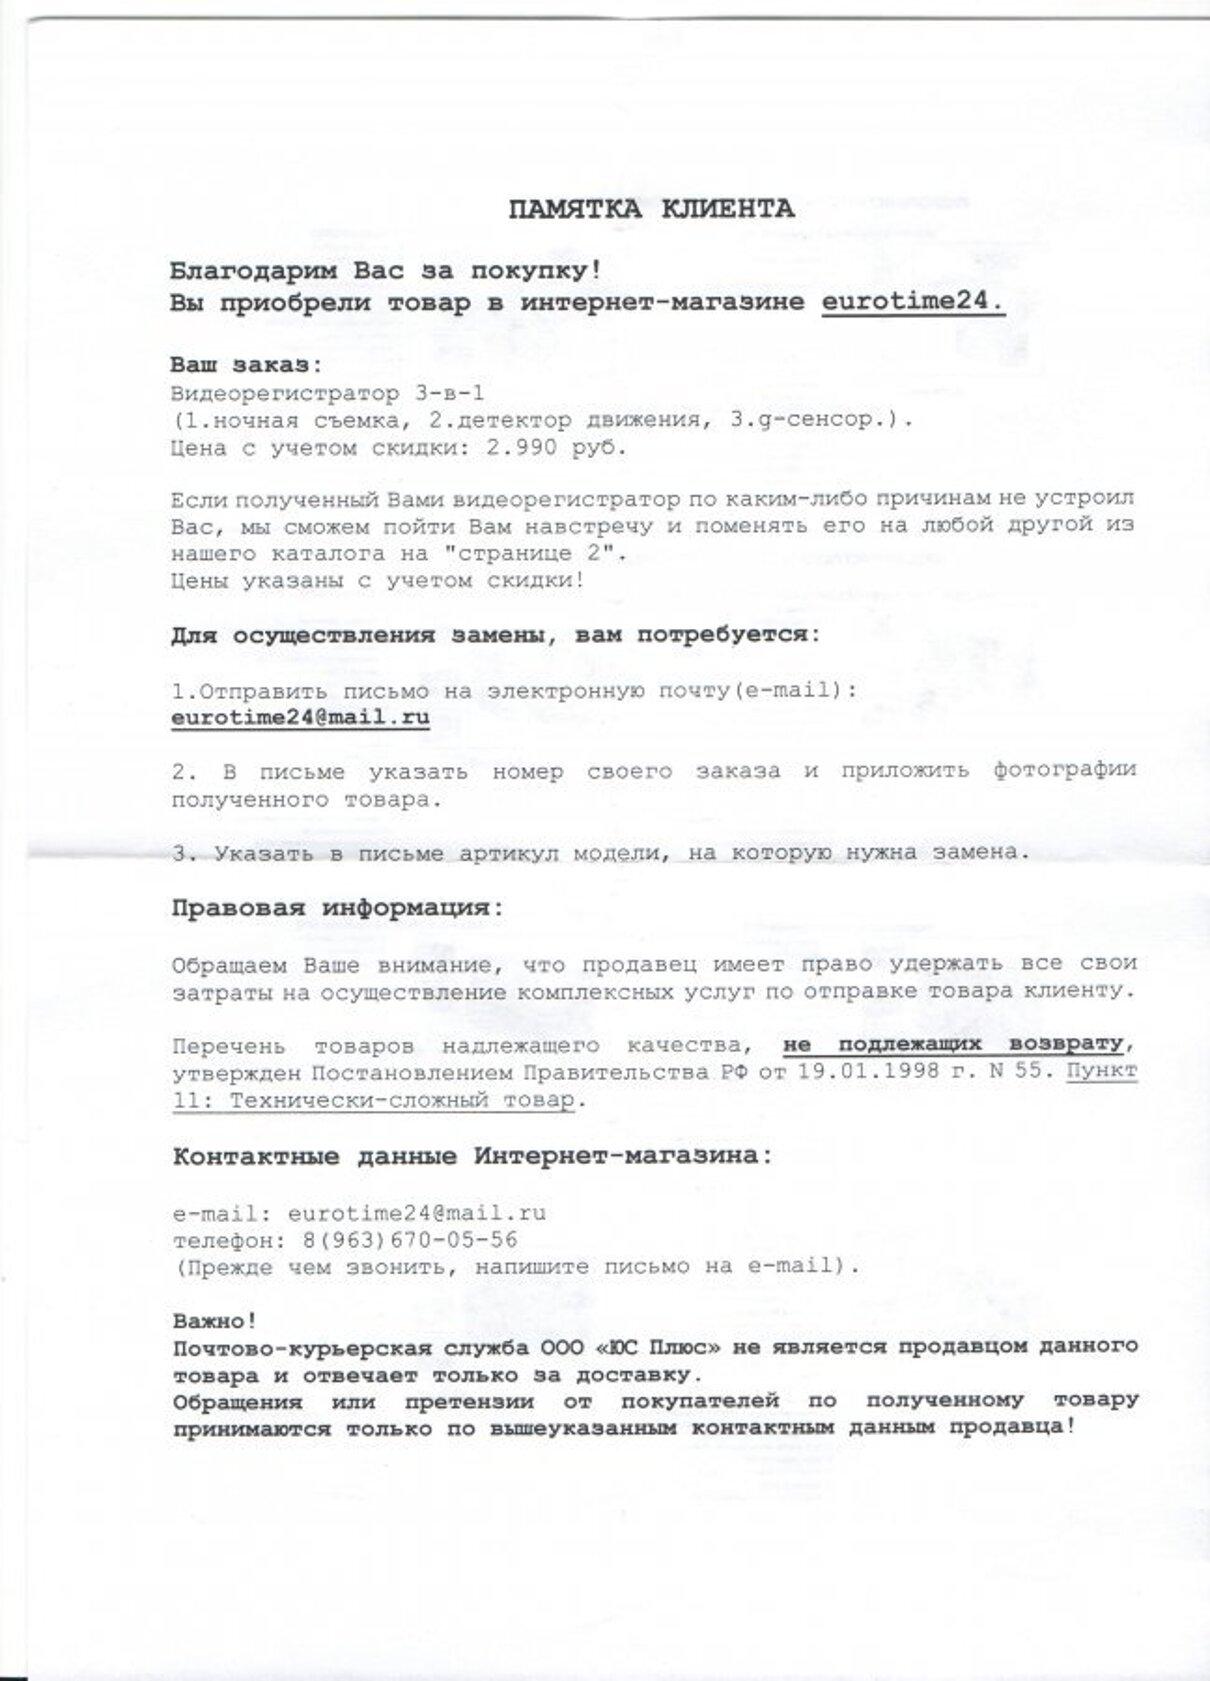 Жалоба-отзыв: Eurotime24@mail.ru - Товар не соответствует заявленному!!!.  Фото №2